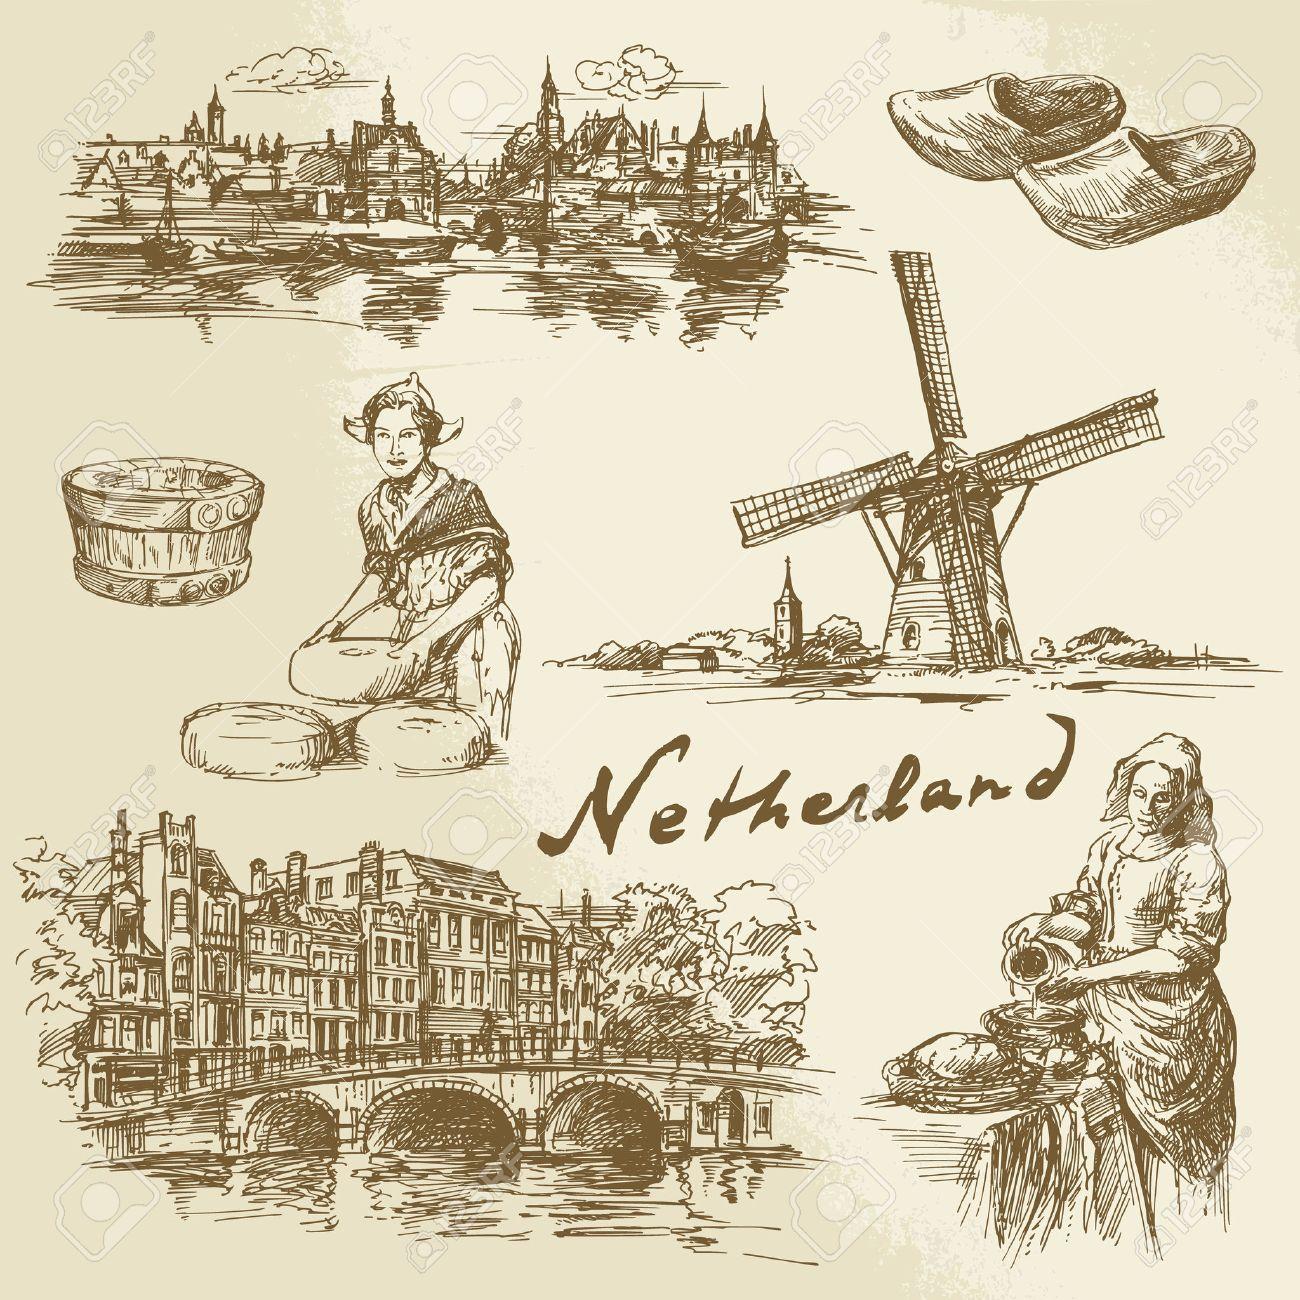 Niederlande - Hand gezeichnet Set Standard-Bild - 38742580